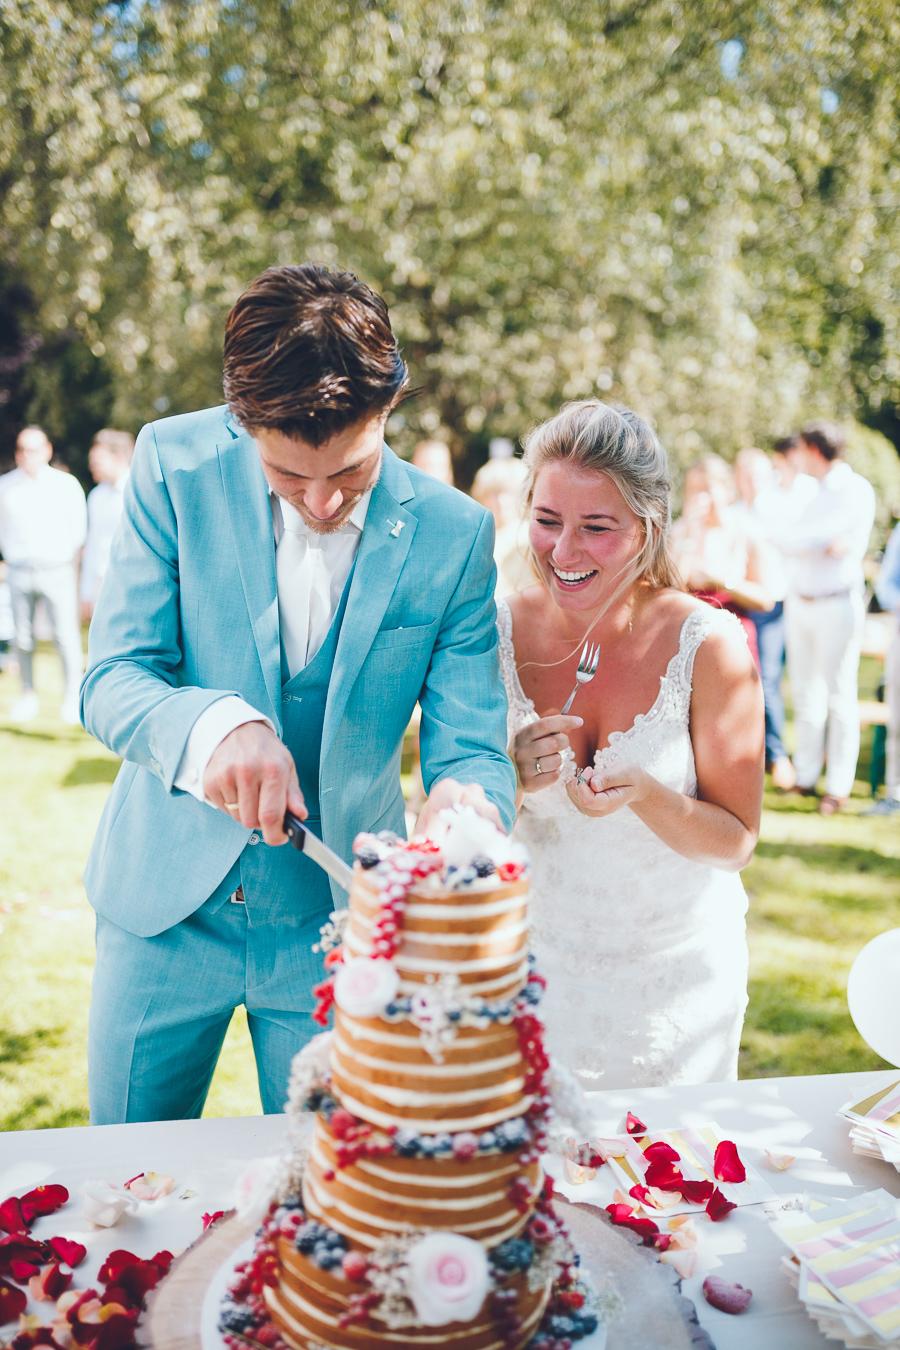 Bruidspaar snijdt bruidstaart met vier lagen en rozen en rood fruit aan en lacht tijdens bruiloft thuis op erf van oude boerderij trouwfotograaf Apeldoorn